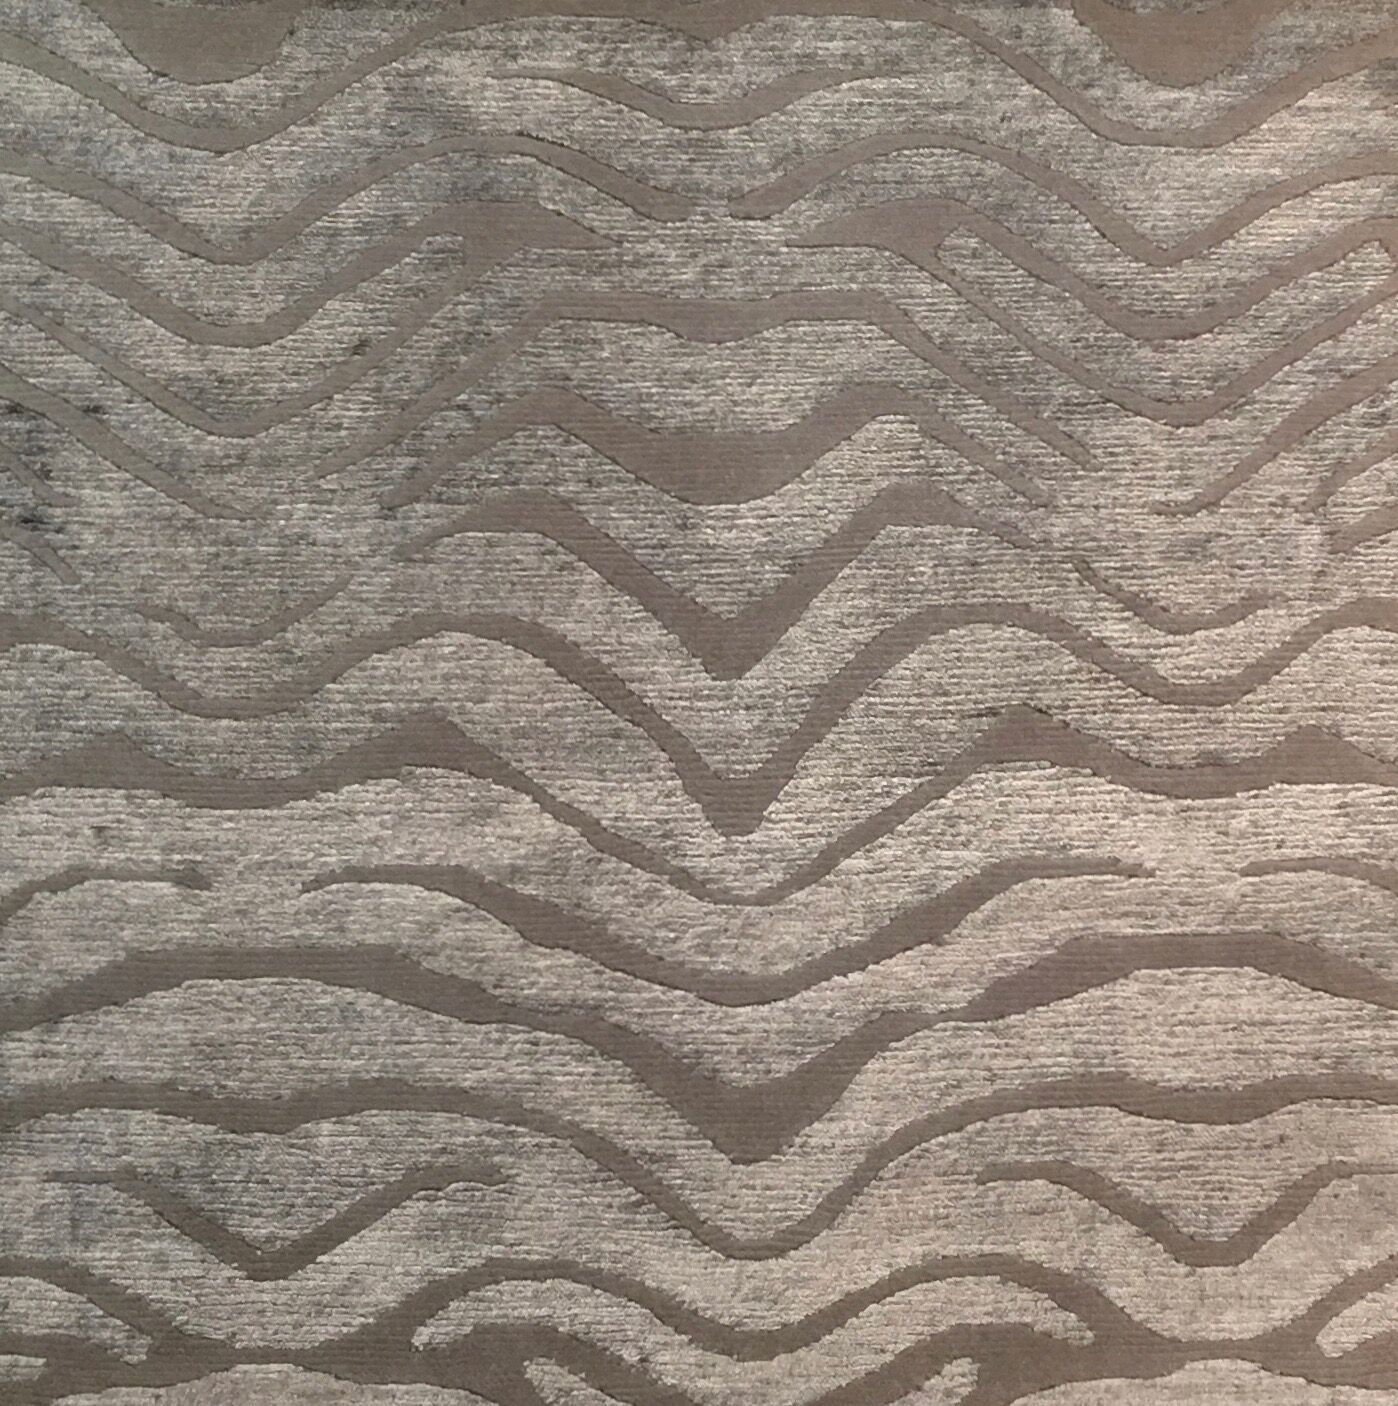 Metro-Velvet Hand-Knotted Light Gray Area Rug